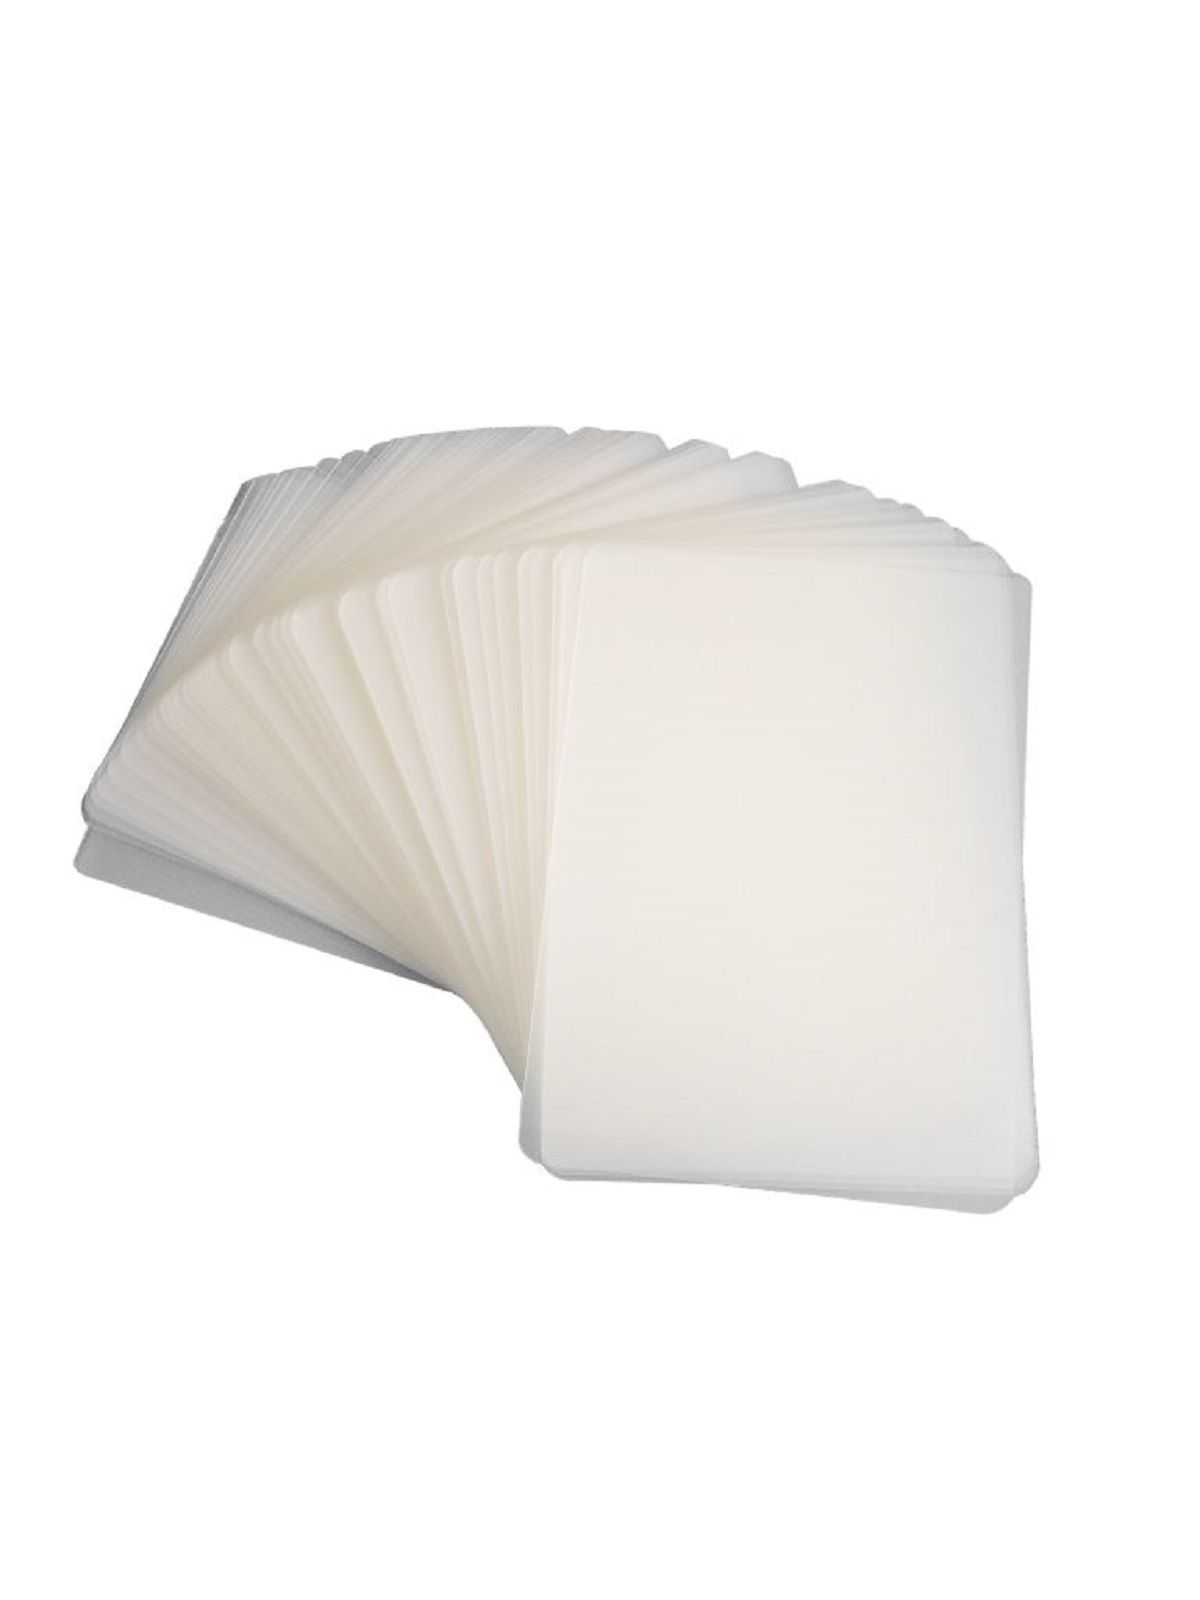 Kit 100 Plásticos Polaseal para Plastificação 0,05mm (125 micras) - 100 unidades do CGC ao Oficio  - Click Suprimentos